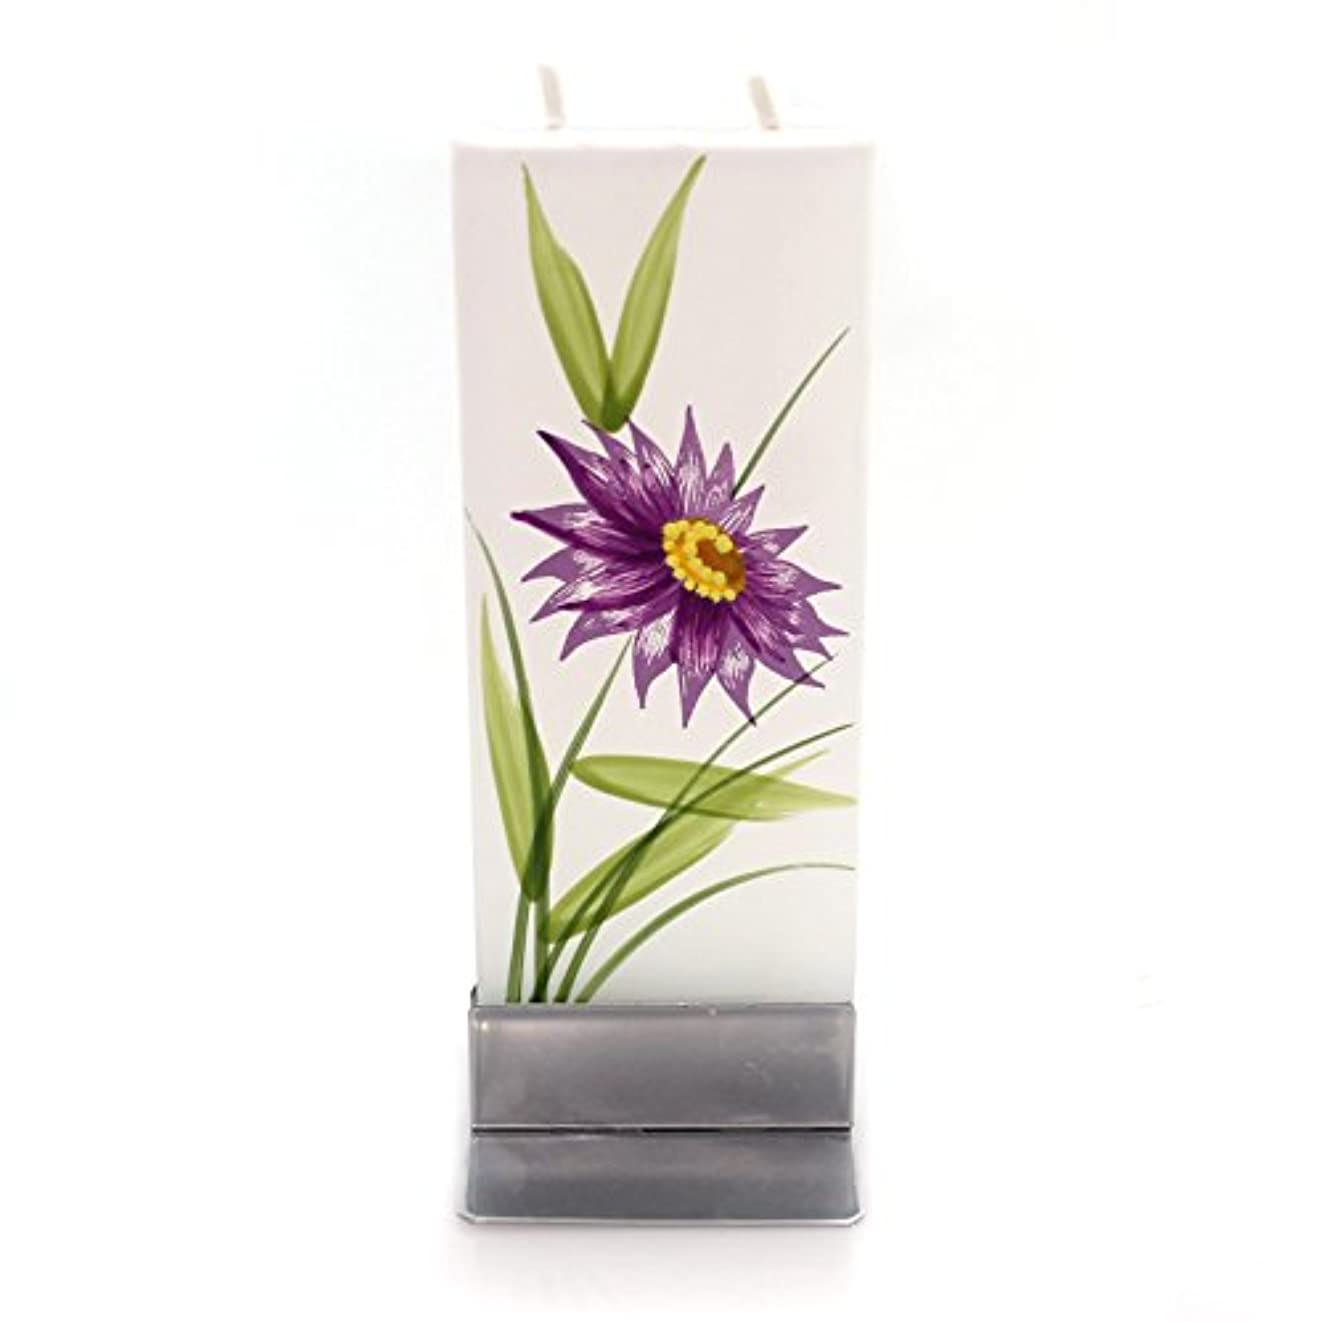 削減定常ジャンクホームデコレーションパープル花W /イエローCentre Dripless Fragrance Free Candle f1640